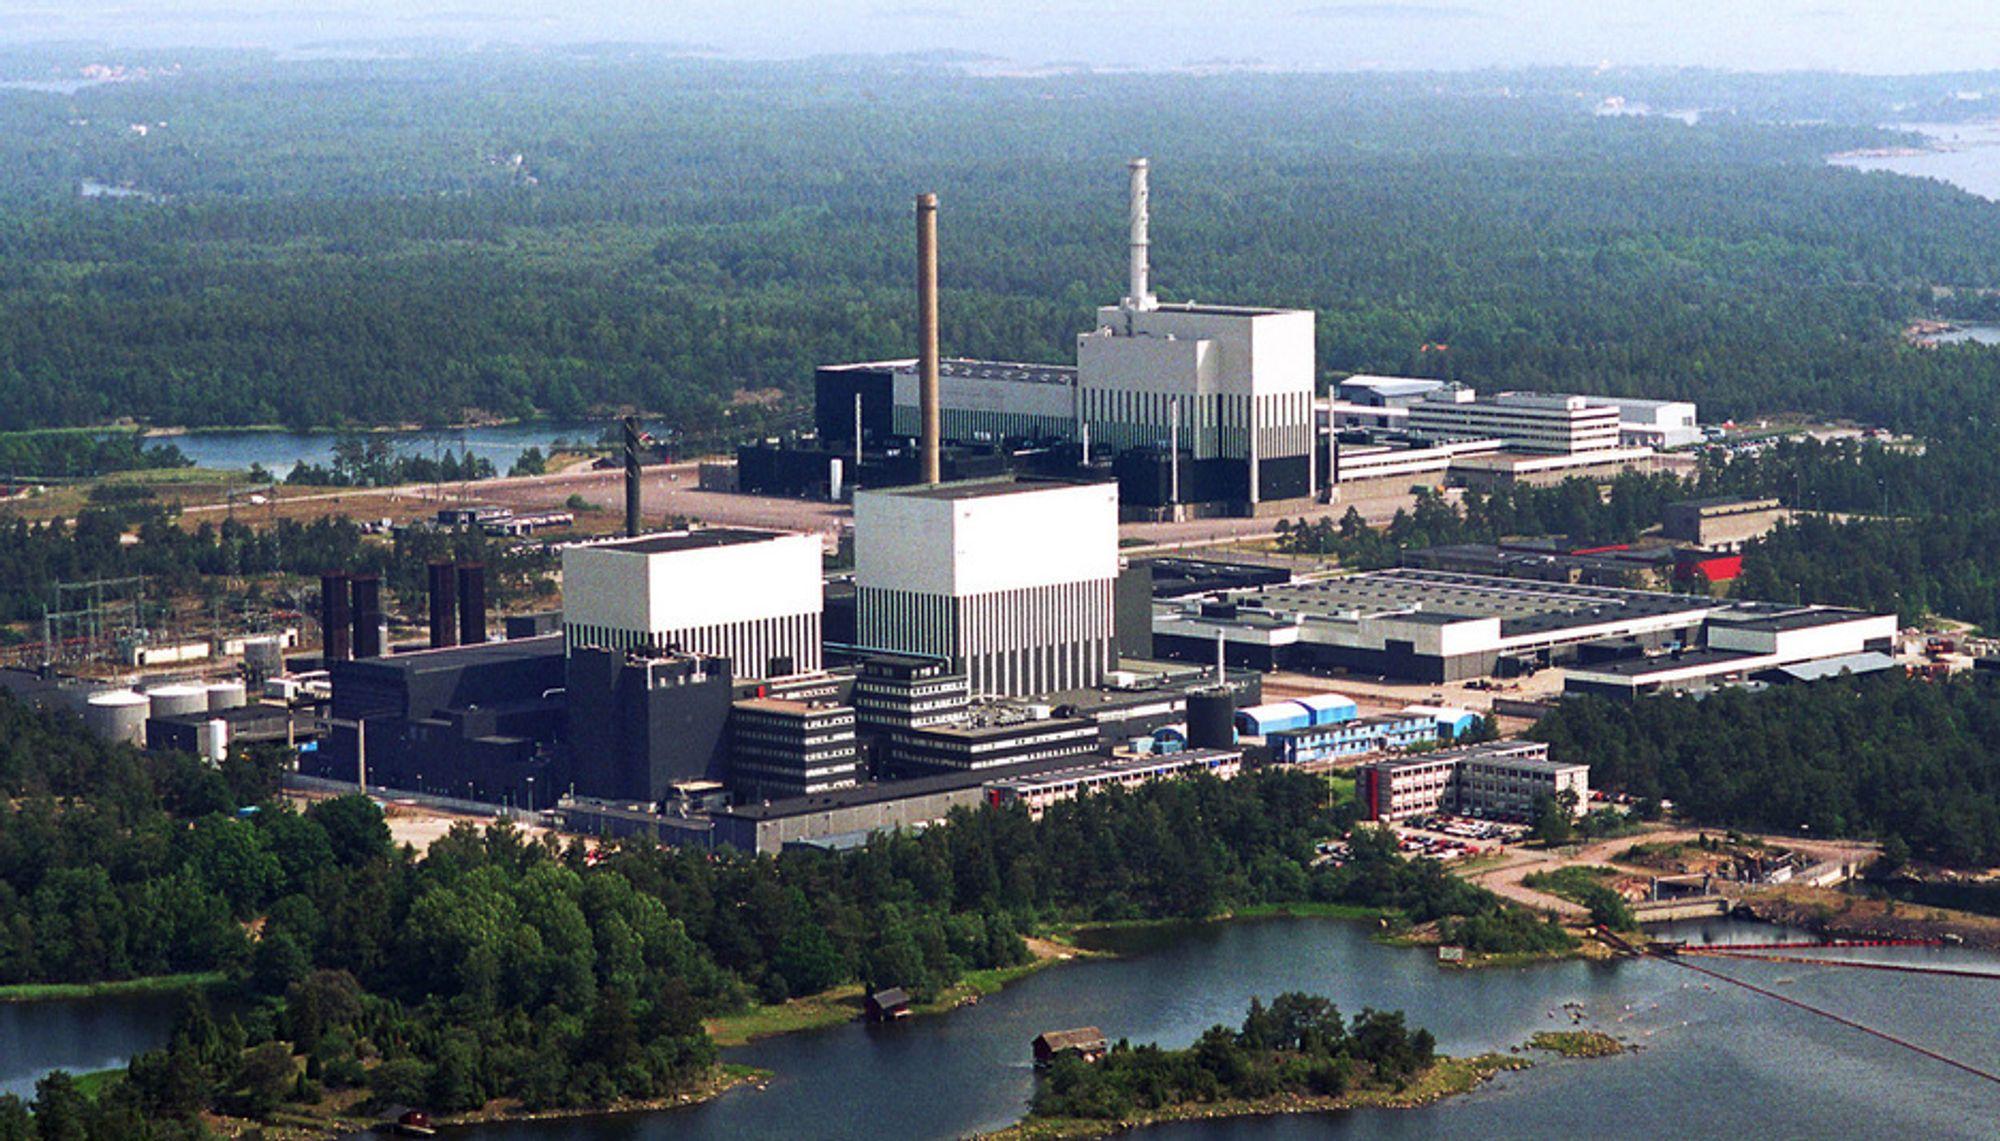 Oskarshamn kjernekraftverk har tre reaktorer. I løpet av ett år må de ansette 150 nye medarbeidere.